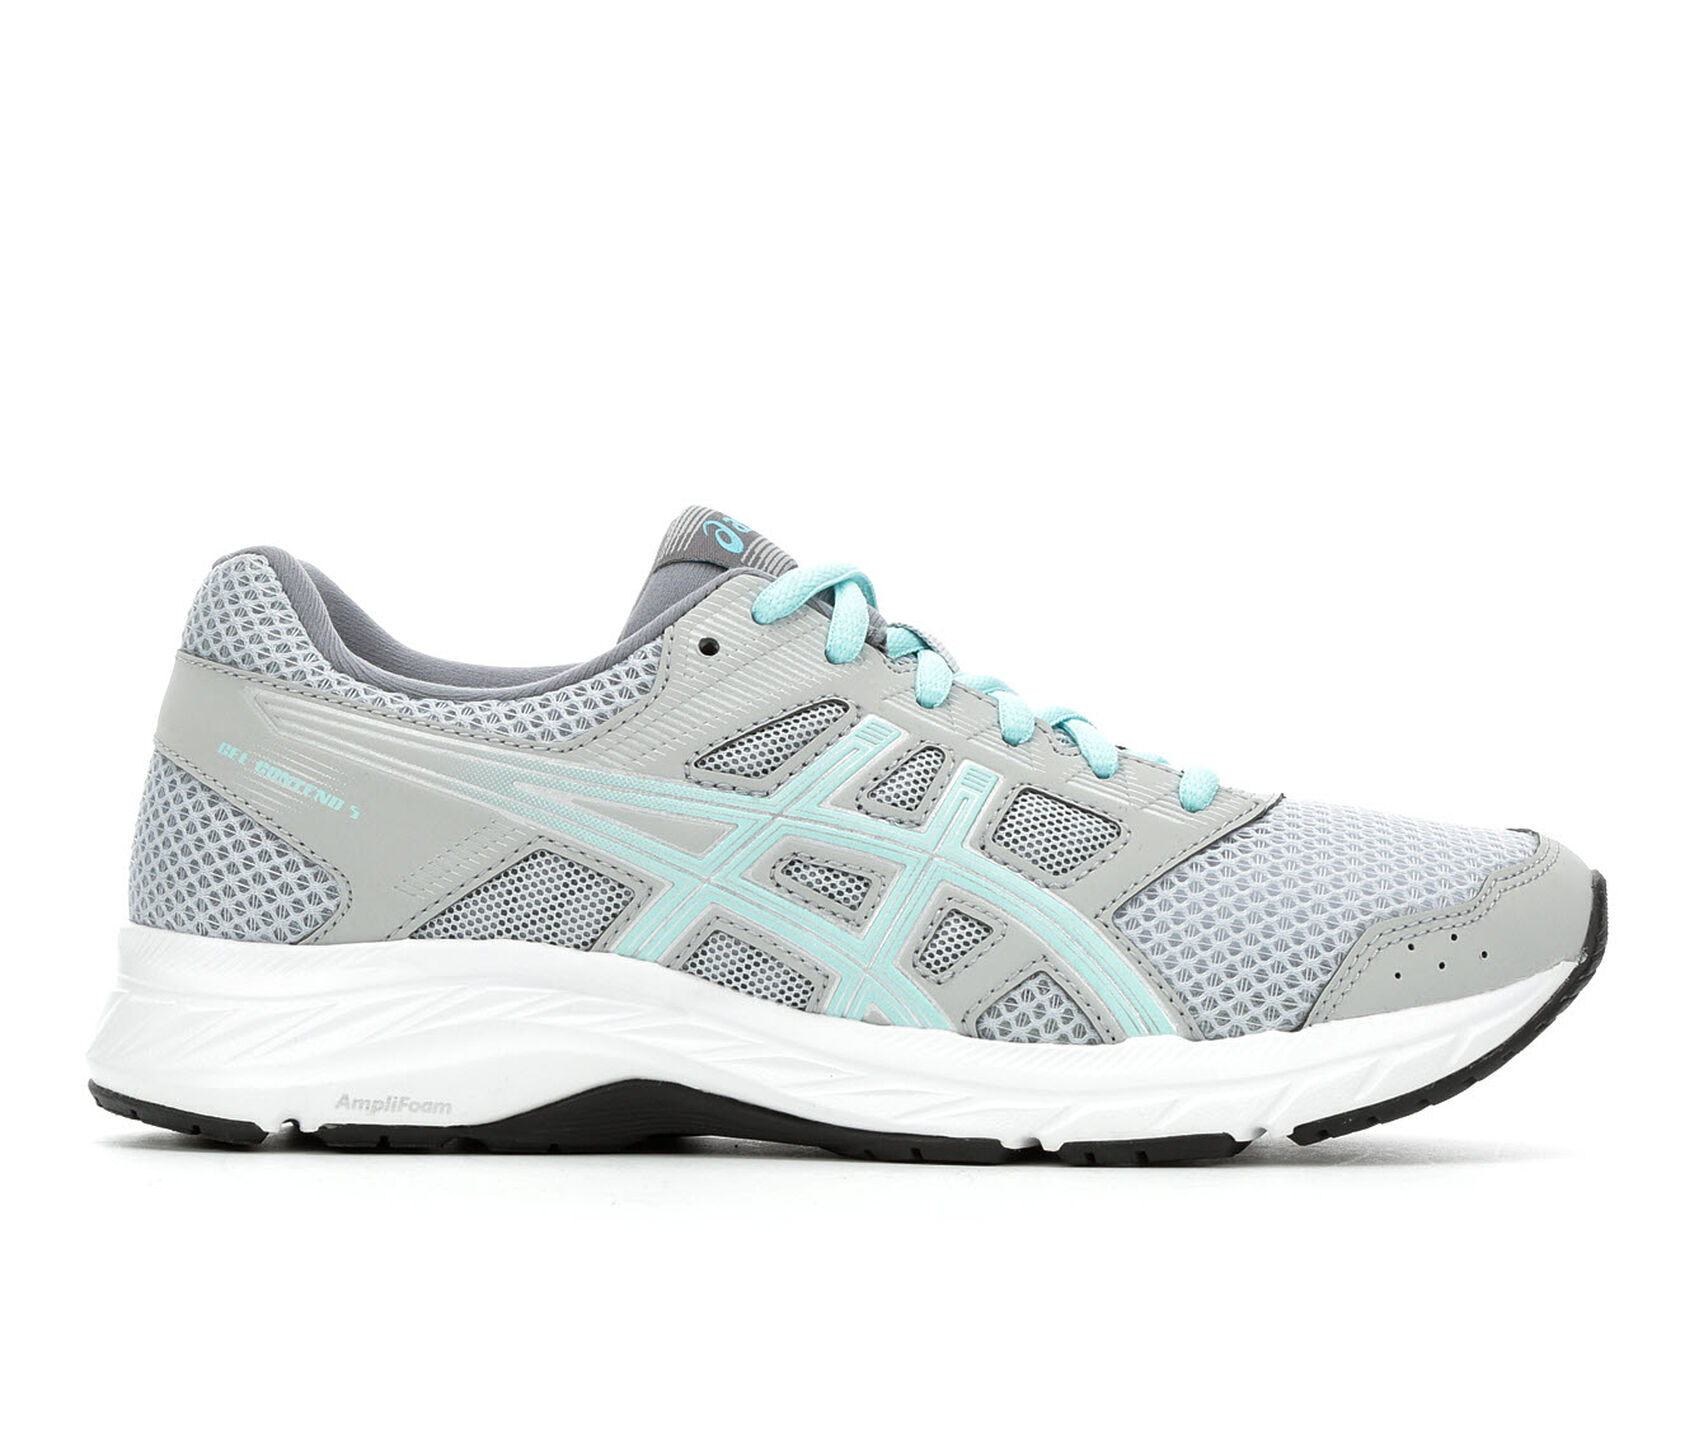 e1d255b37c482 Women's ASICS Gel Contend 5 Running Shoes